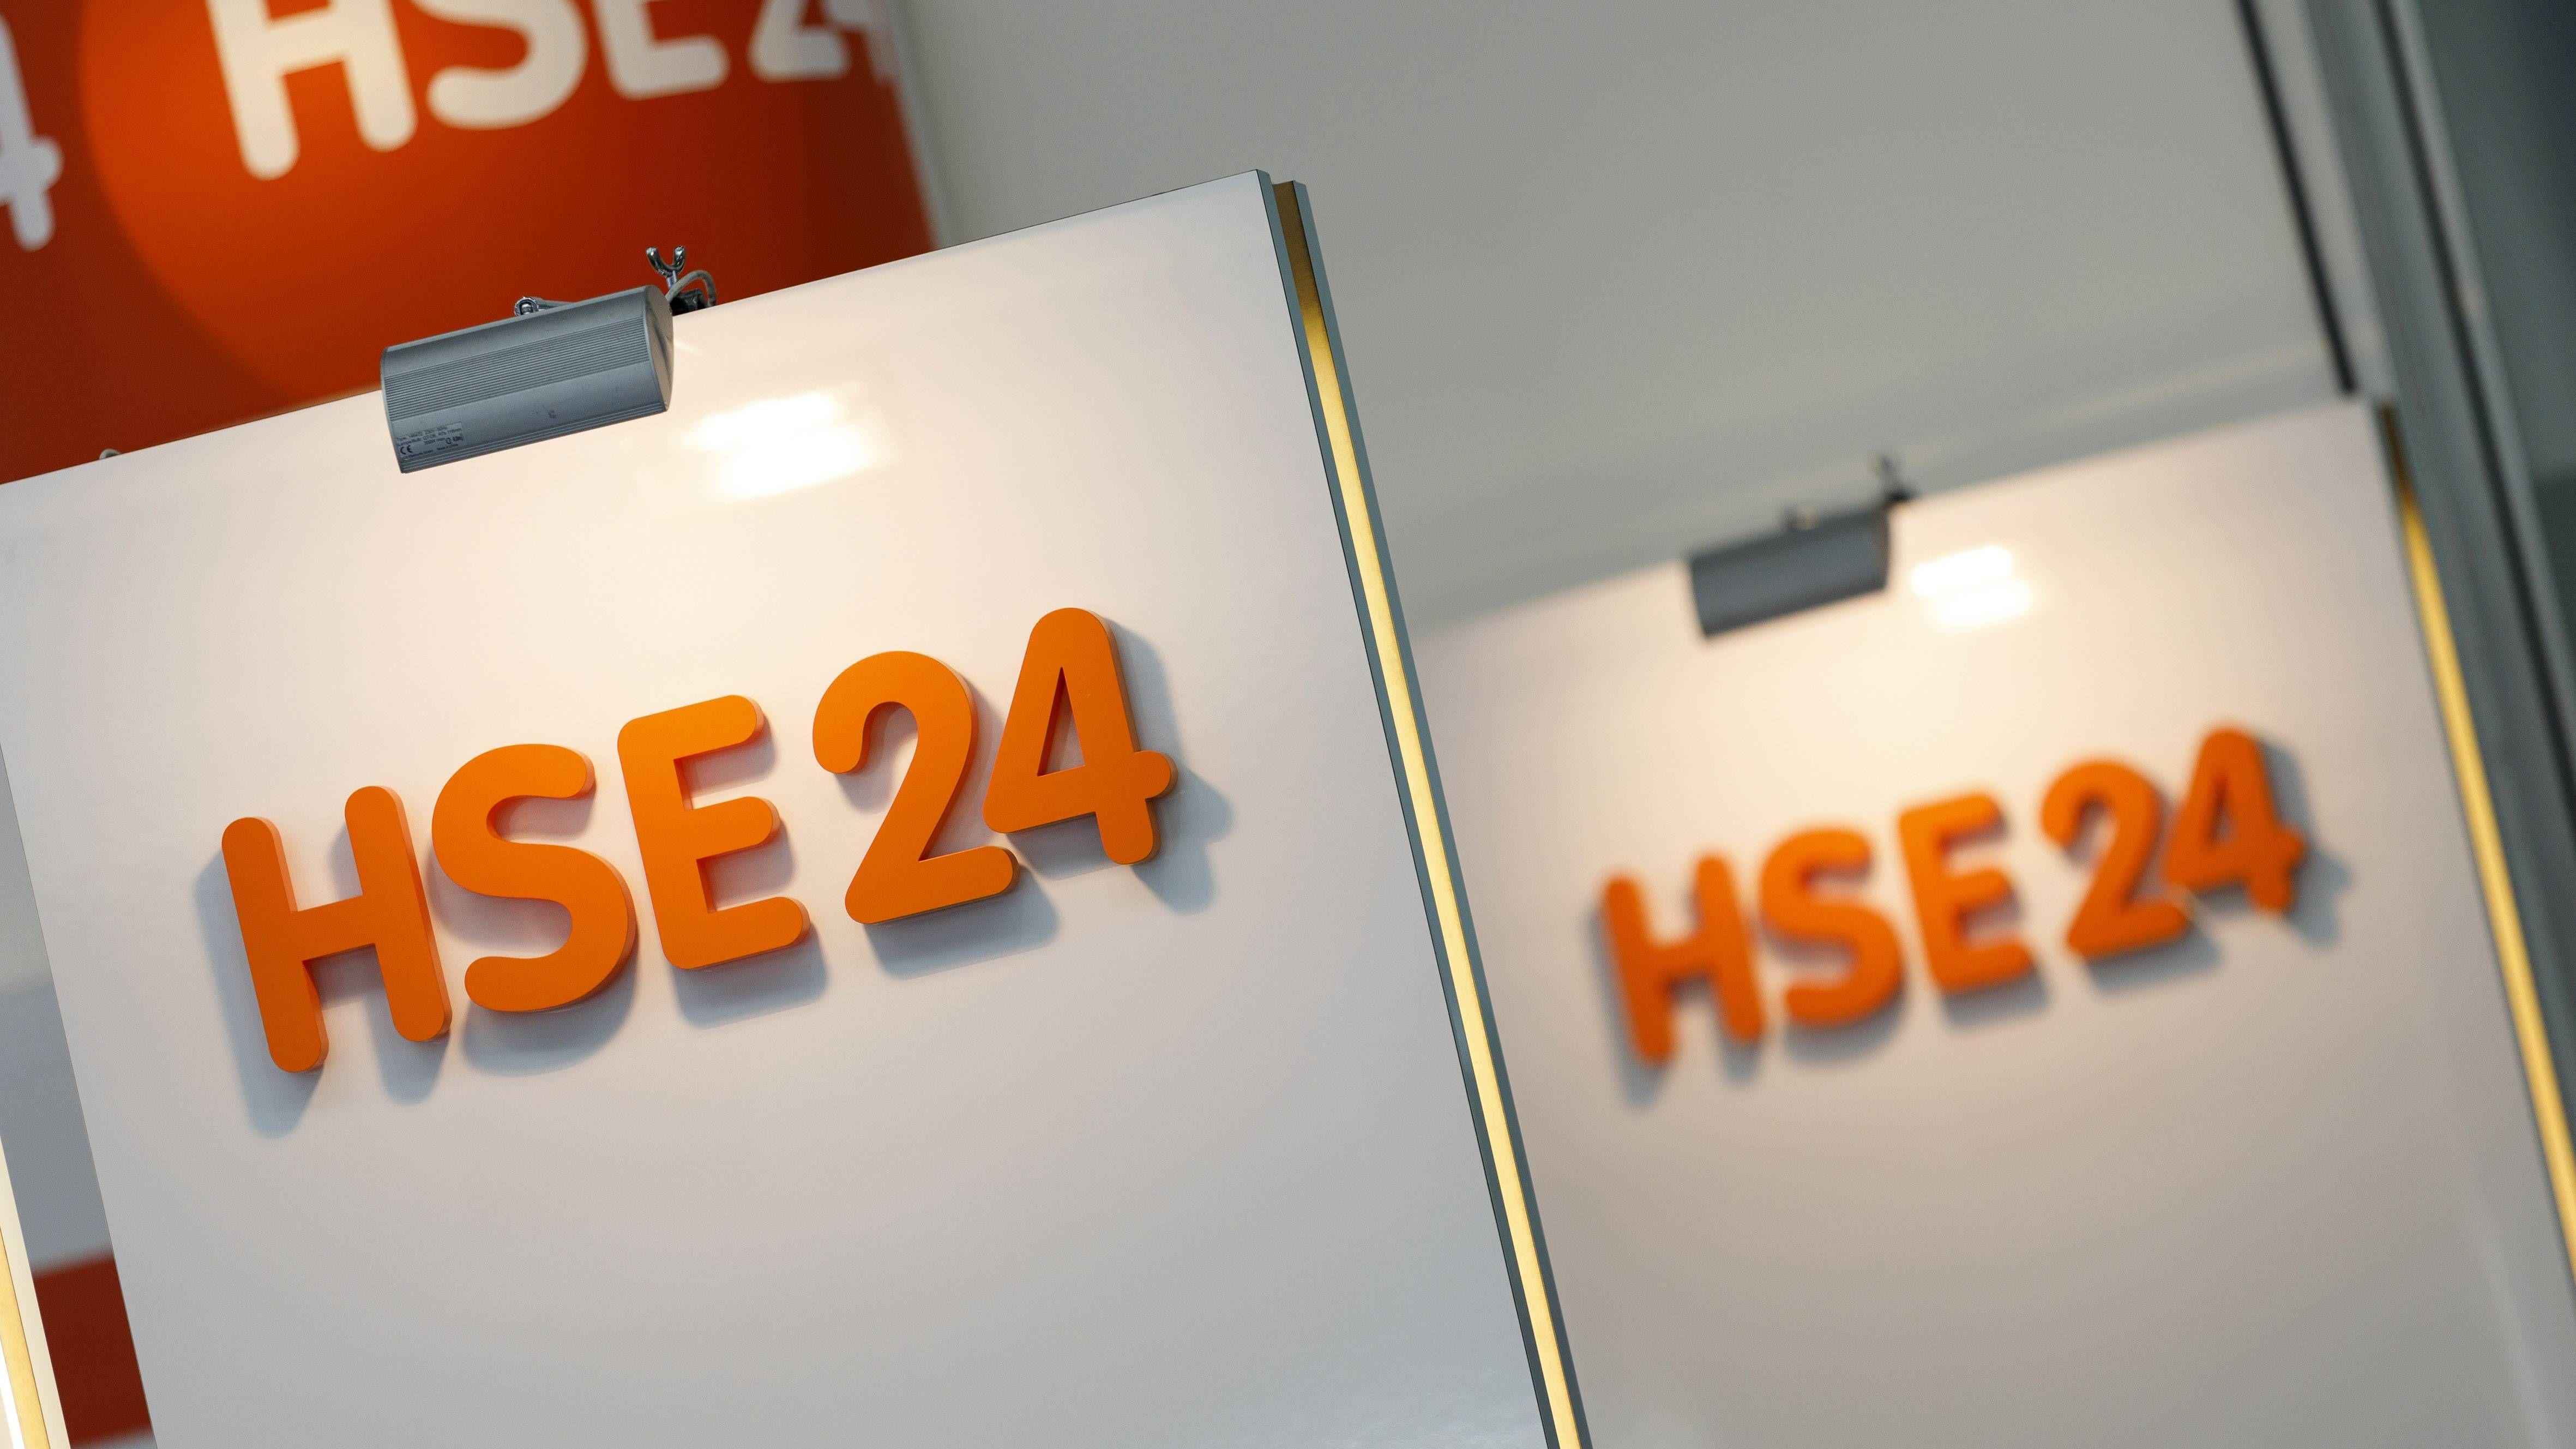 Teleshopping Sender baut Management um: HSE24 verpflichtet UmYJD